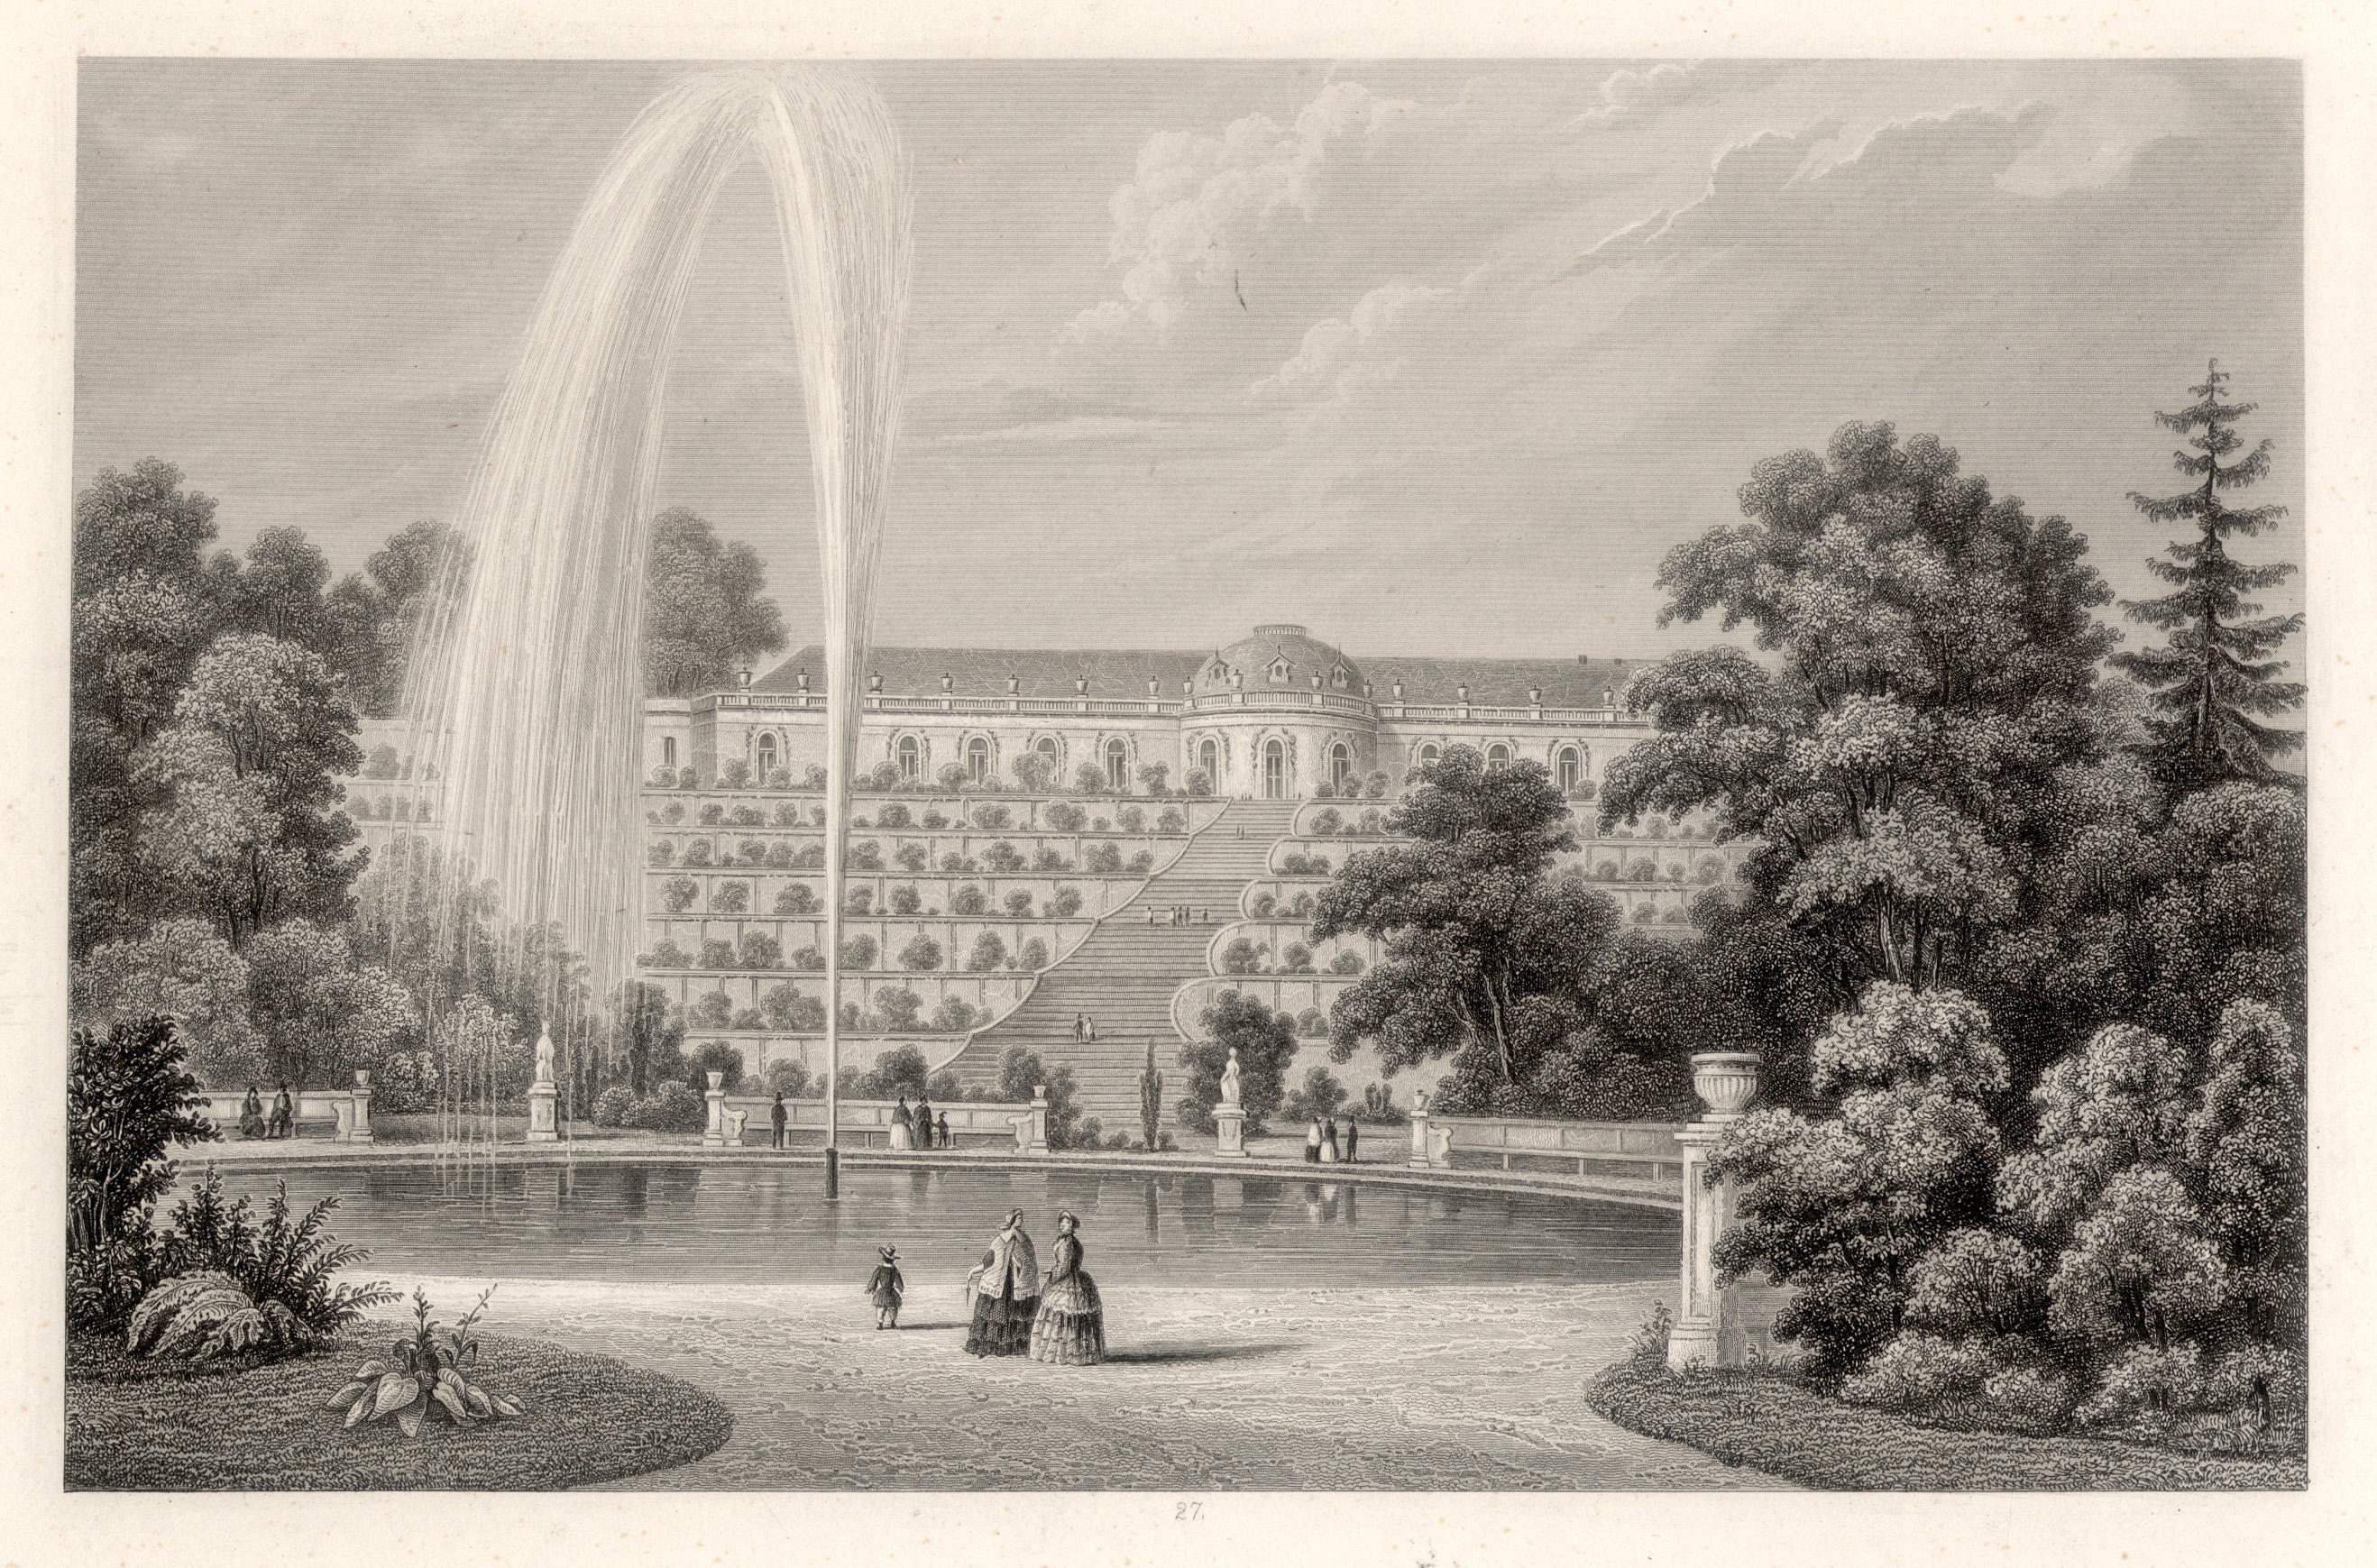 Ansicht mit den Terrassen, i. Vgr. die: Potsdam - Schloss